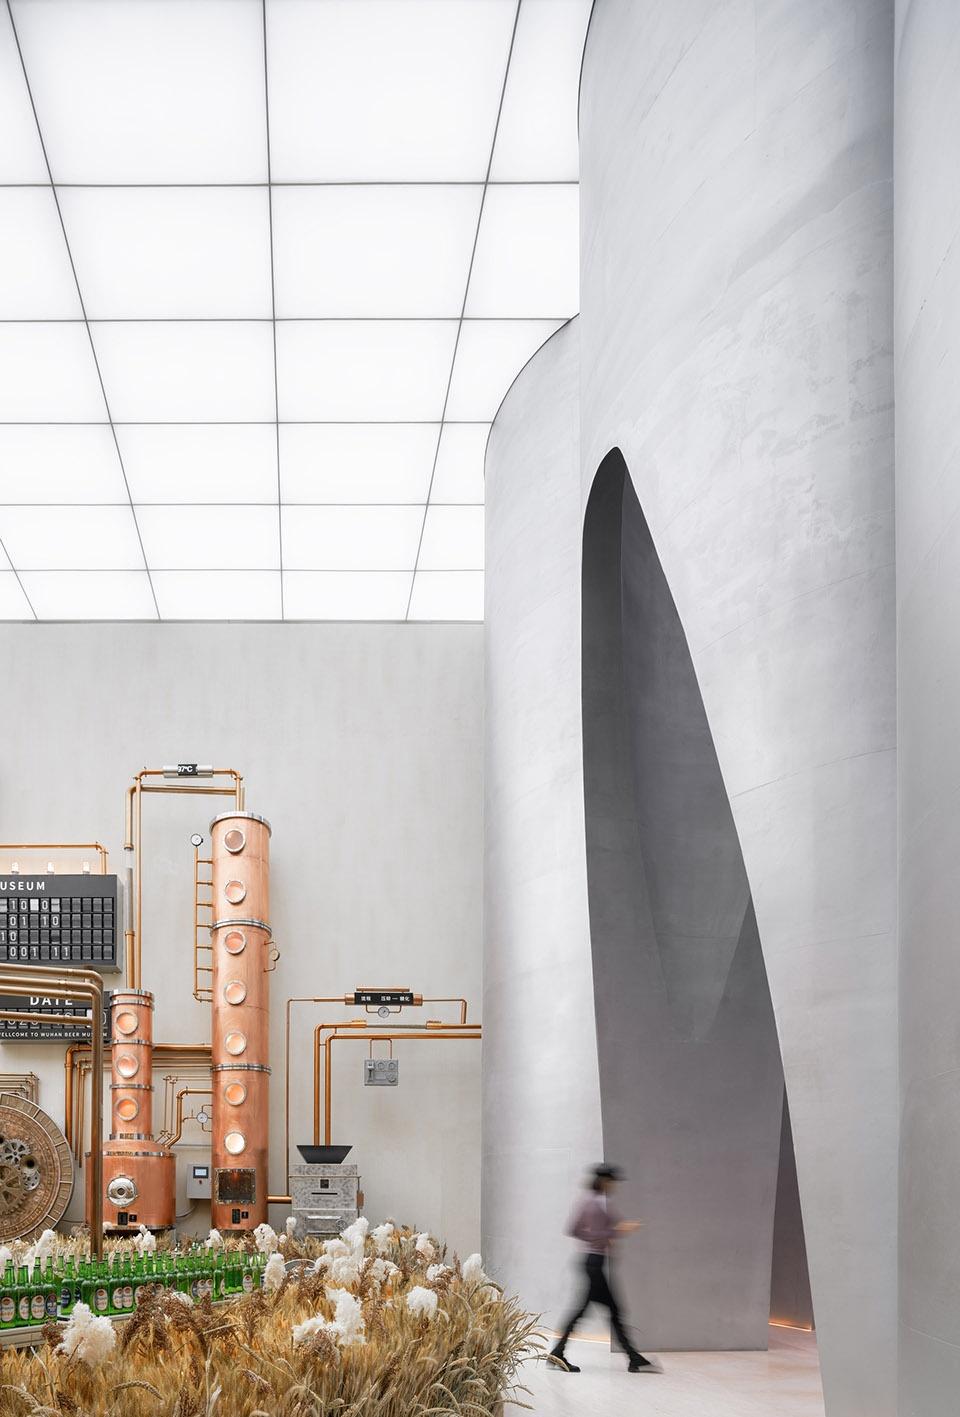 028-the-flow-of-grain-beer-museum-by-waterfrom-design-960x1417.jpg